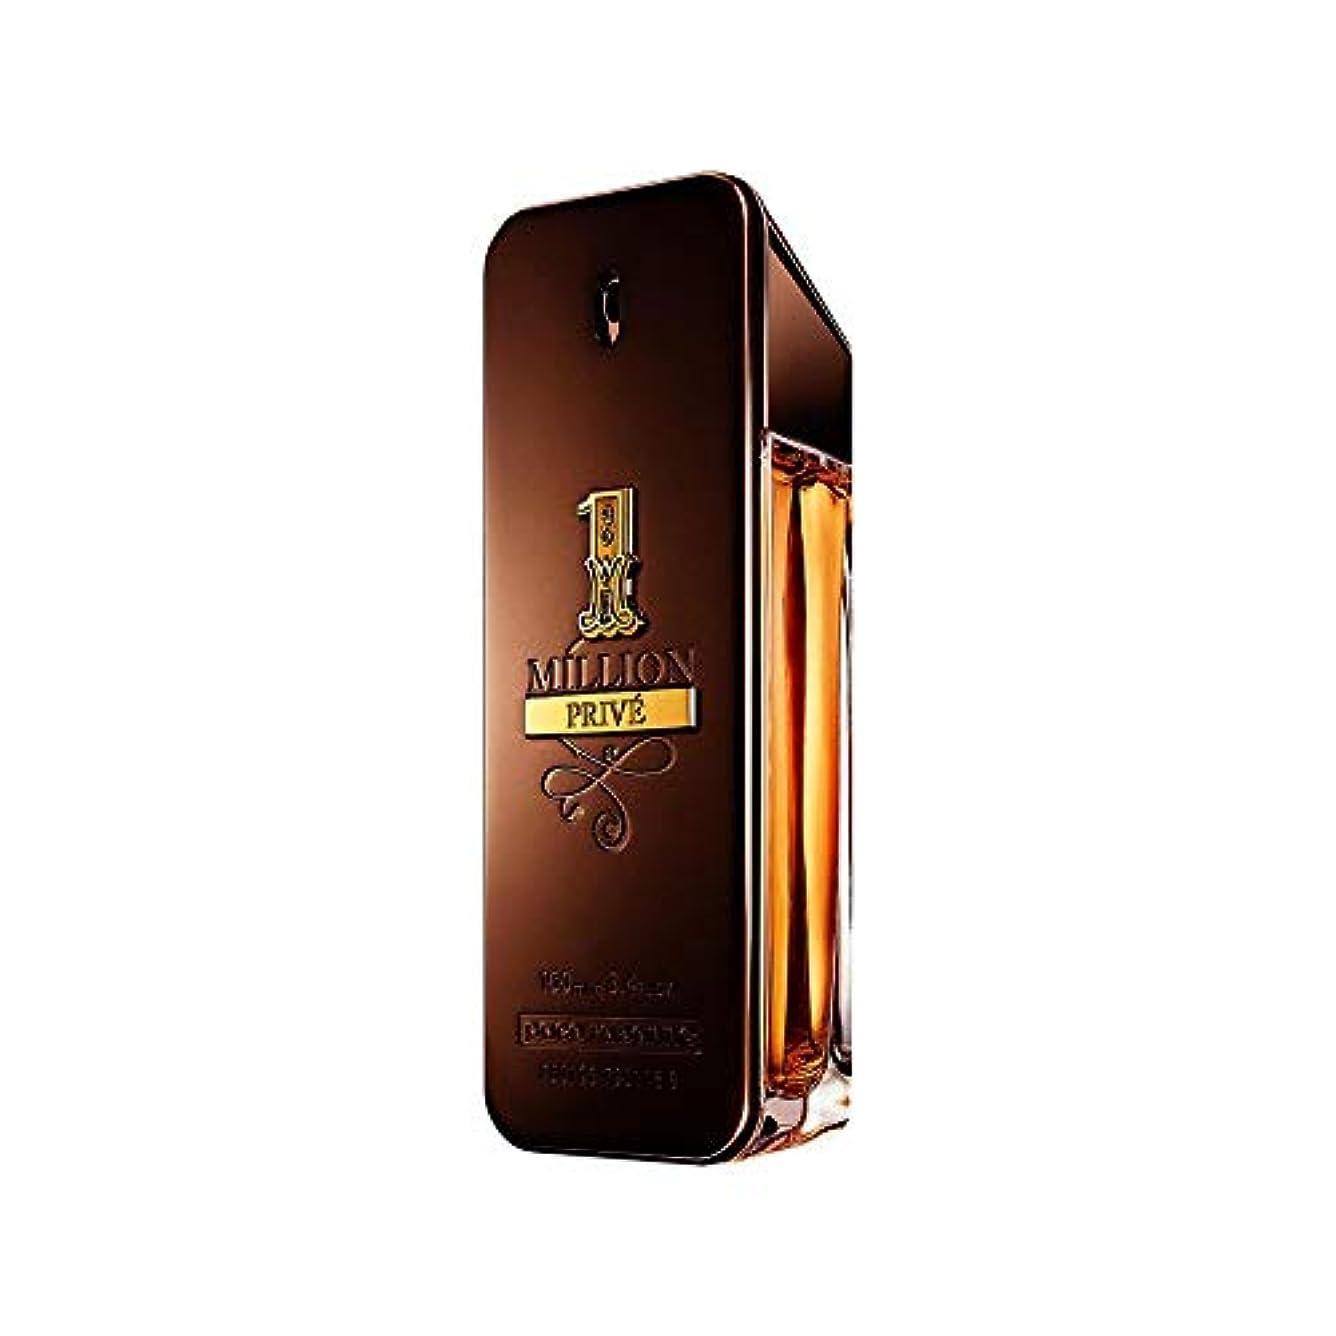 ドアミラー子供時代減衰Paco Rabanne 1 Million Prive (パコラバンヌ 1ミリオン プリべ) 3.4 oz (100ml) EDT Spray for Men